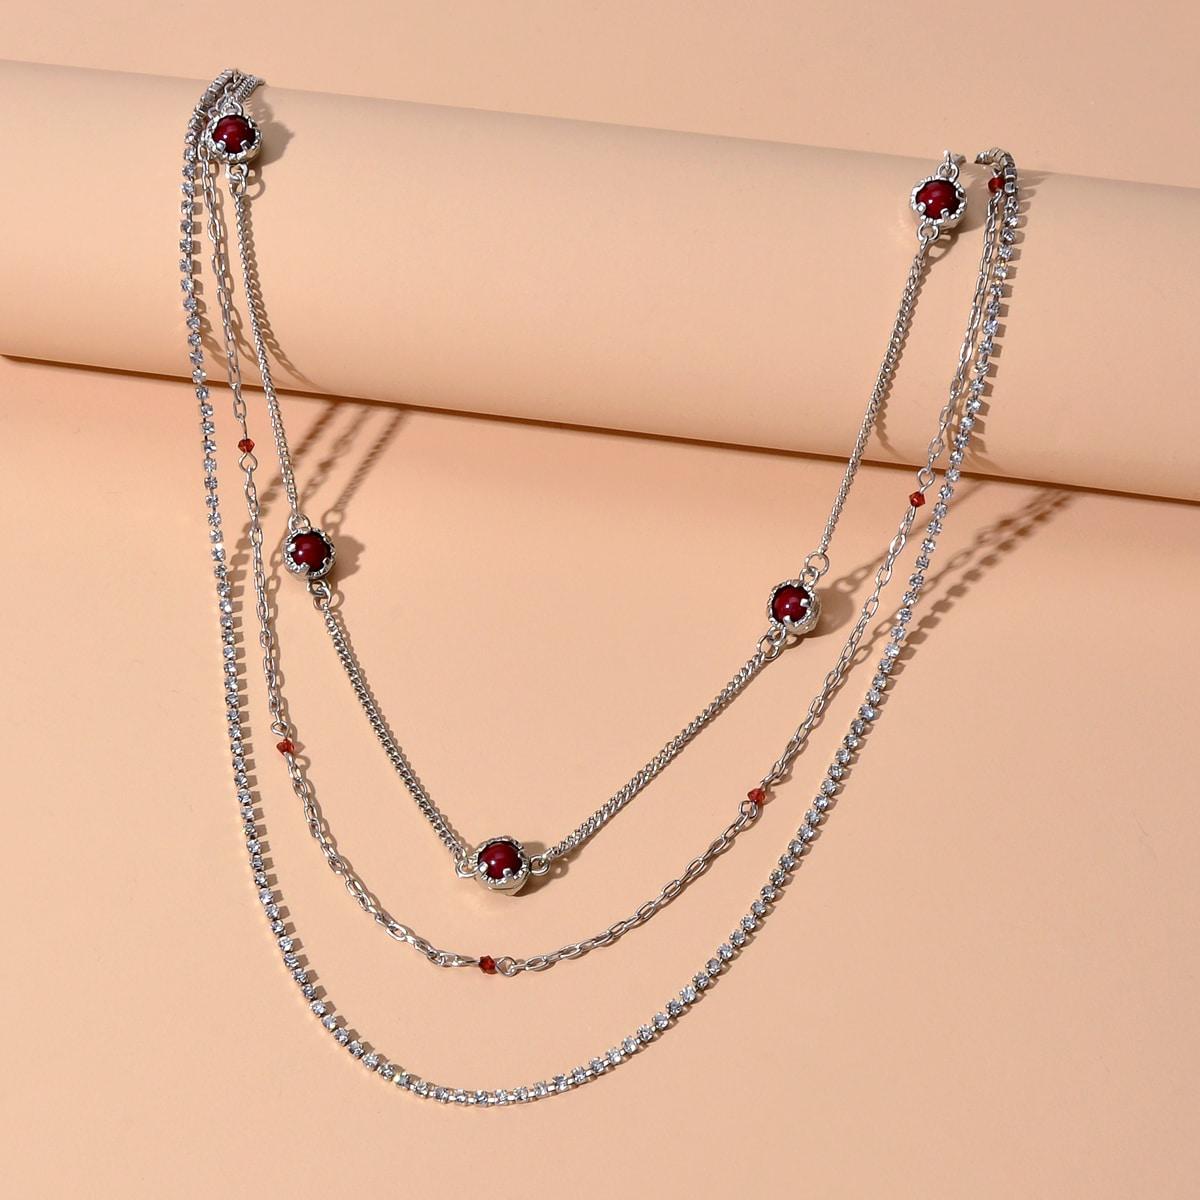 Многослойное ожерелье со стразами фото